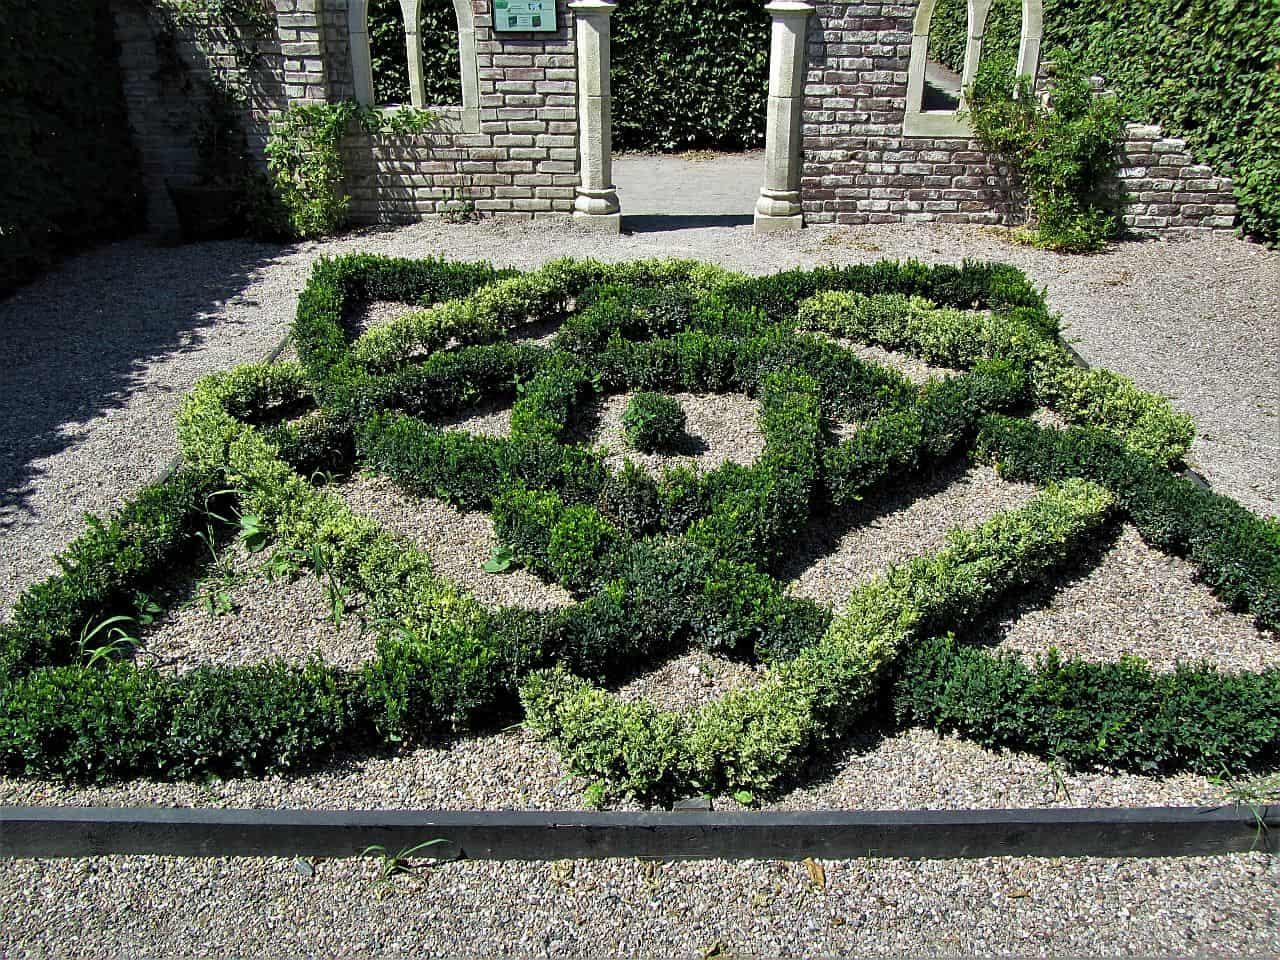 Parterres und Knotengärten – aufwendige Gartengestaltung wie in der Schlossanlage